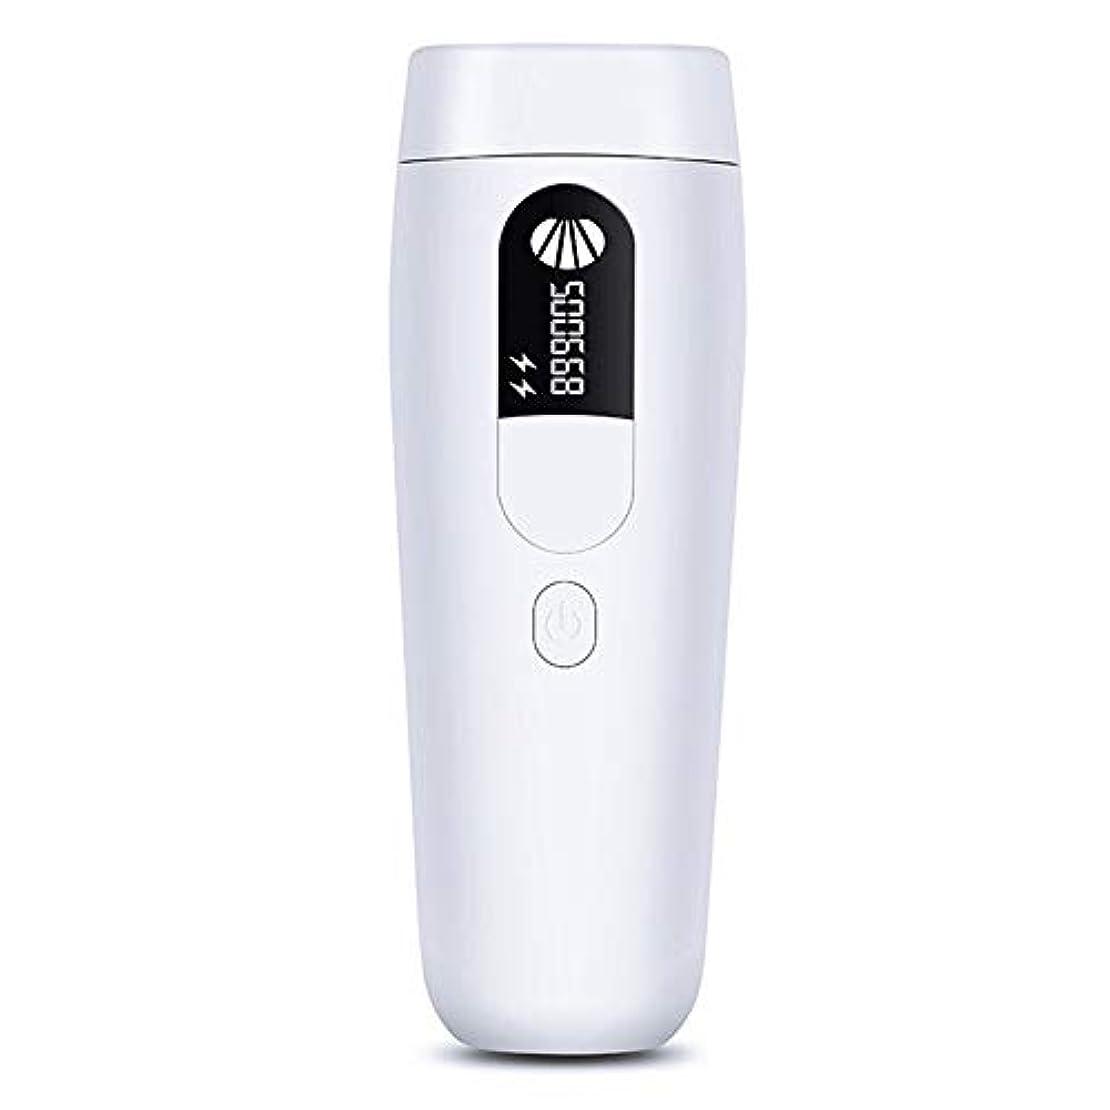 エンゲージメント乱気流計算自動、手動、2つのモード、インテリジェント誘導ポータブル無痛脱毛剤、5スピードレギュレーション、サイズ6x3.5x17cm 快適な脱毛